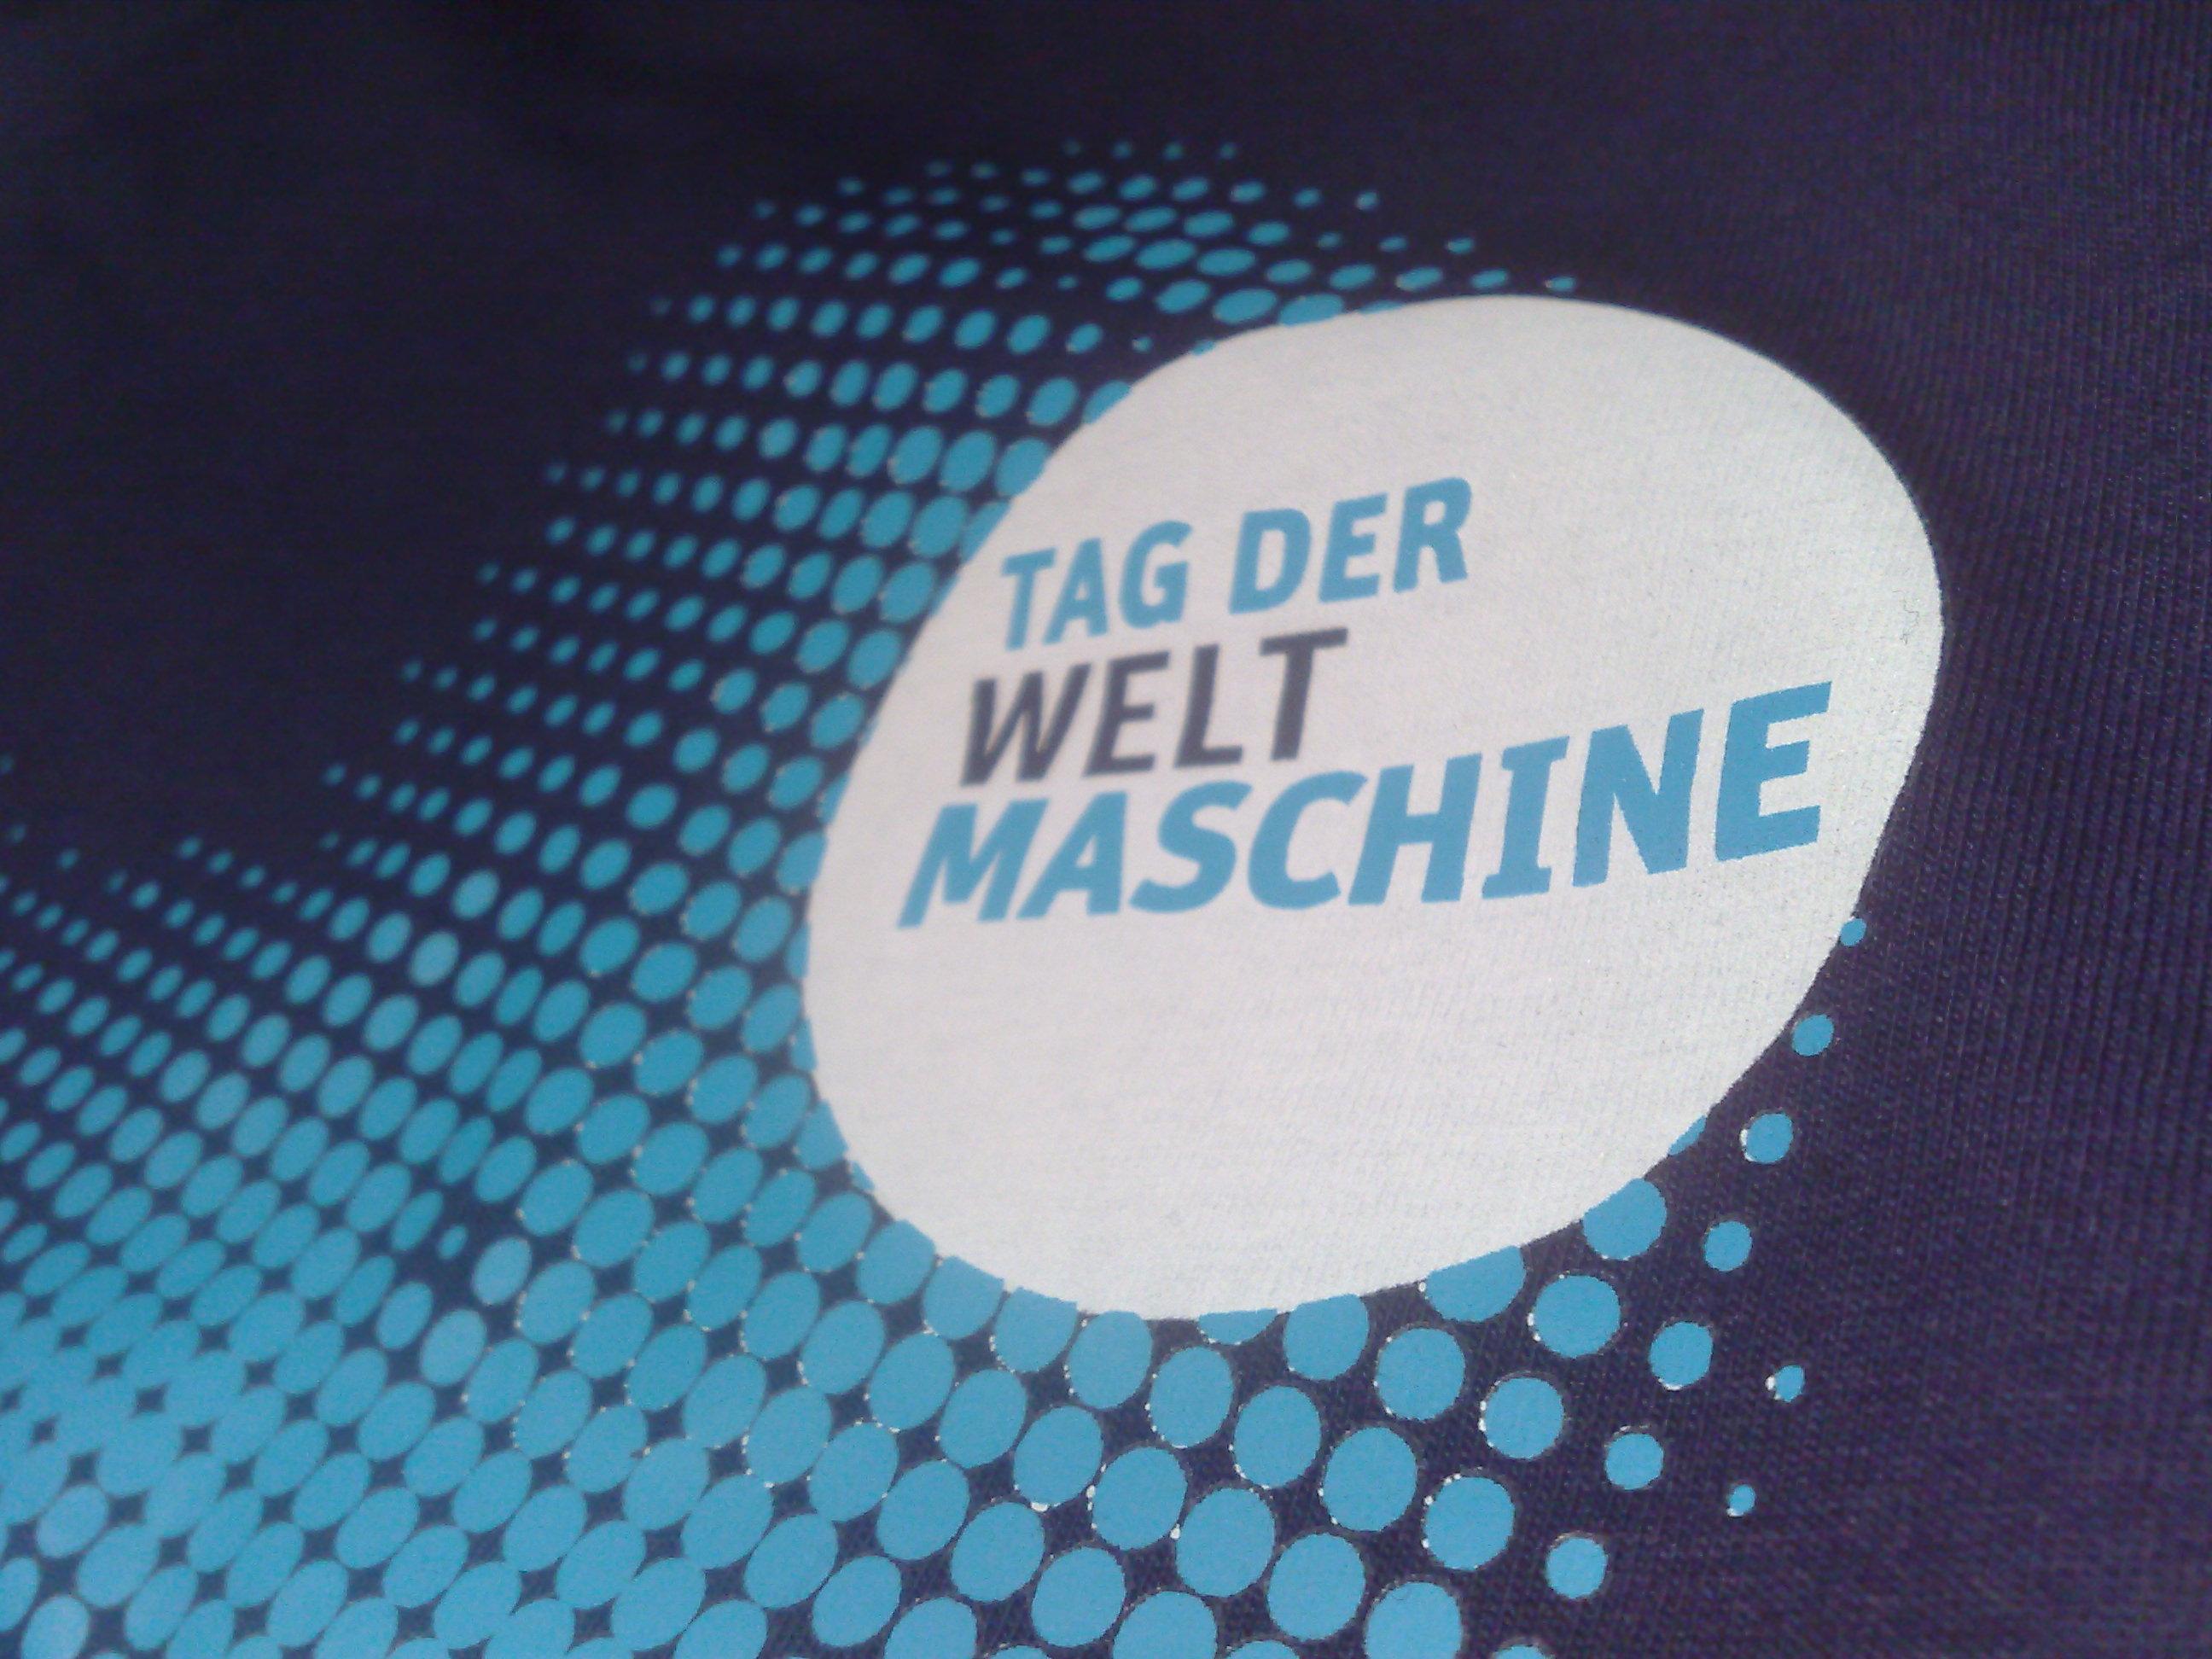 Tag-der-Weltmaschine-Foto-vom-T-Shirt